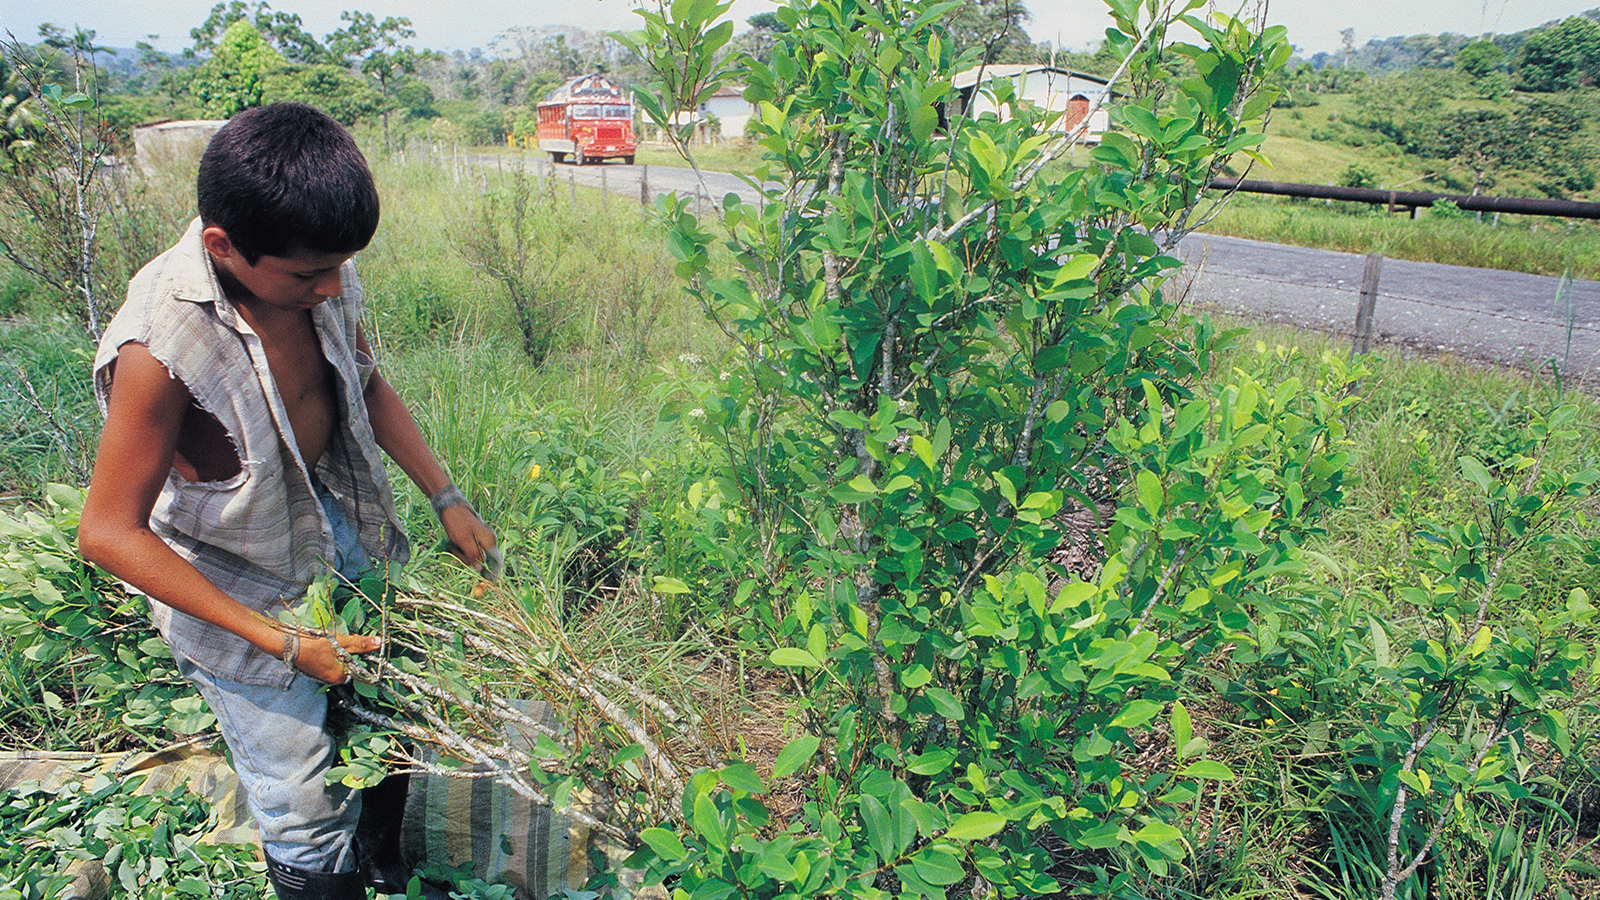 historias//lideres-rurales-se-manifiestan-en-contra-de-la-erradicacion-forzada